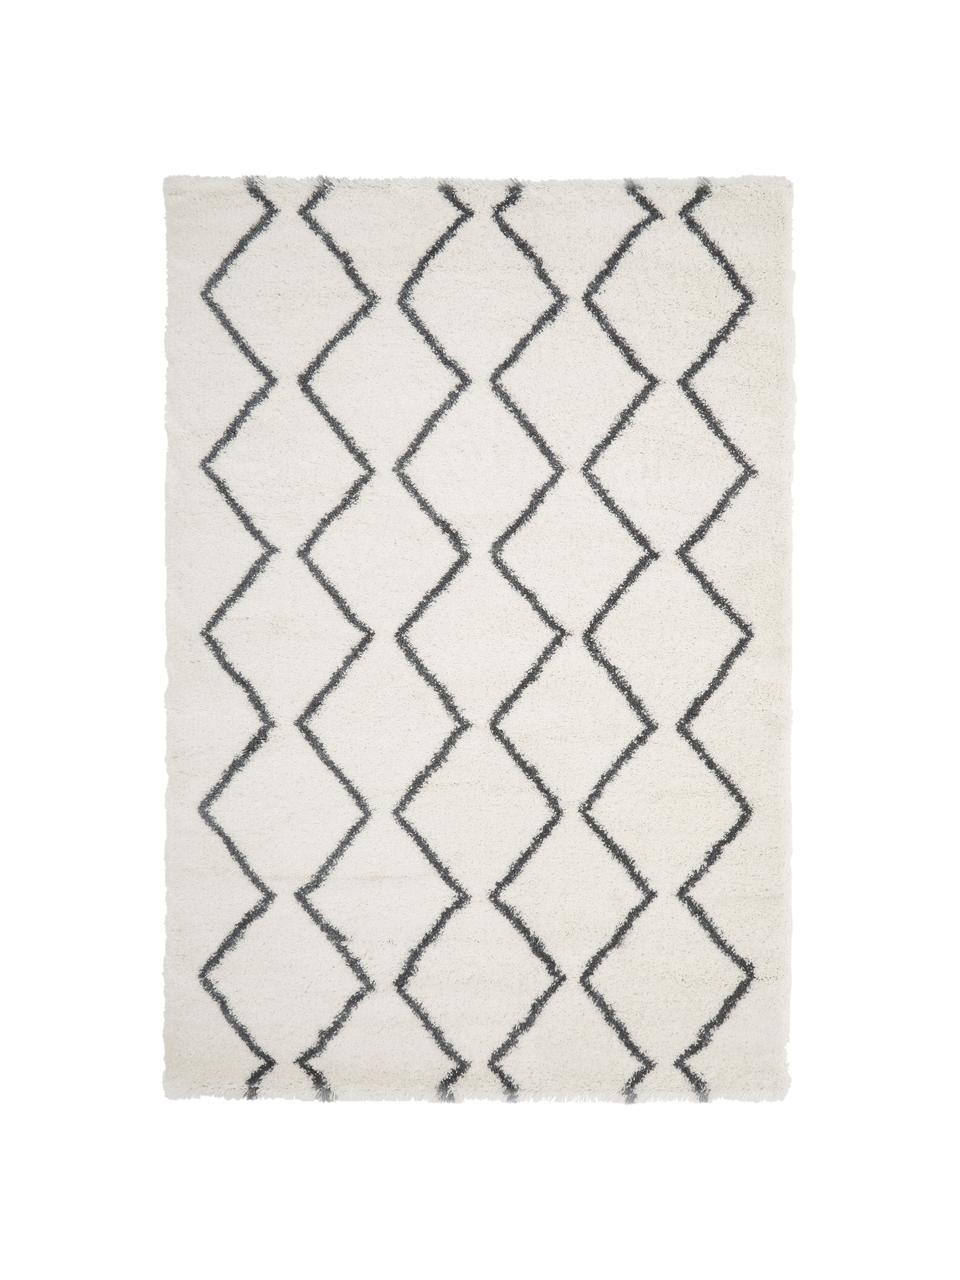 Flauschiger Hochflor-Teppich Velma in Cremeweiß/Dunkelgrau, Flor: 100% Polypropylen, Cremeweiß, Dunkelgrau, B 300 x L 400 cm (Größe XL)